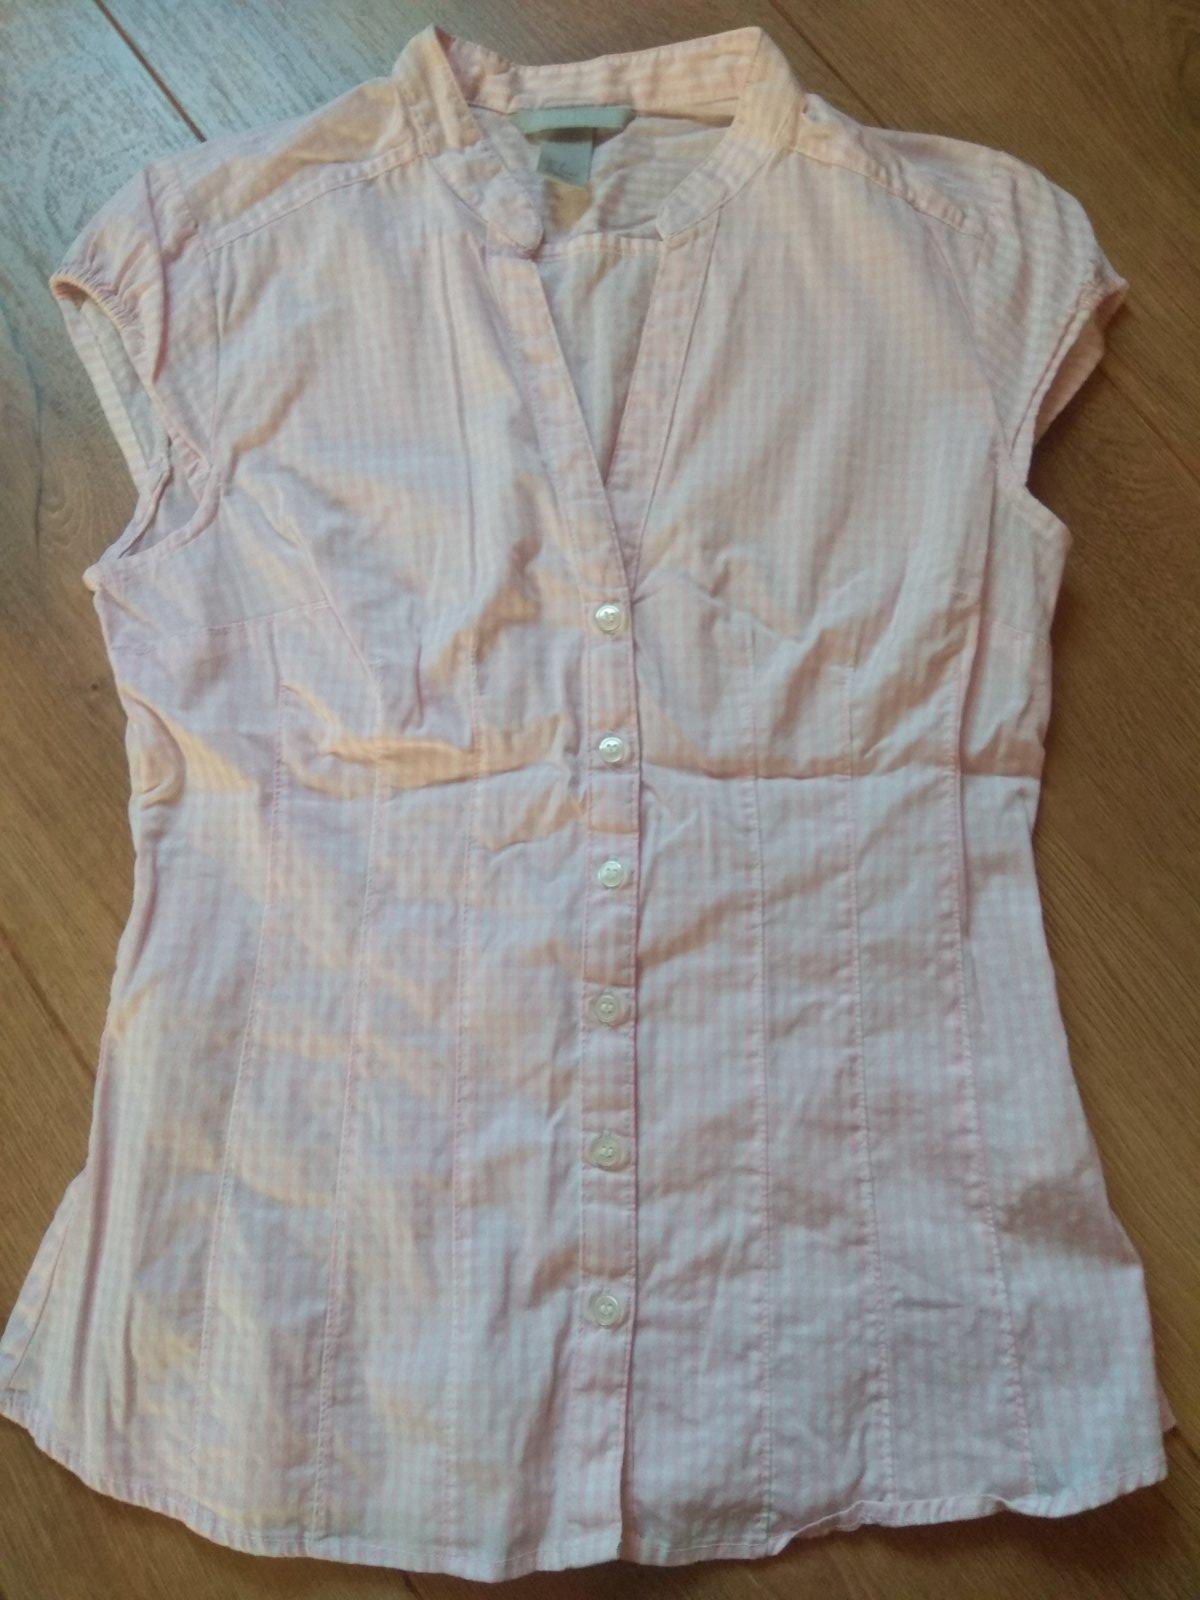 Ruzova karovana bluzka 36 H&M - Obrázok č. 1